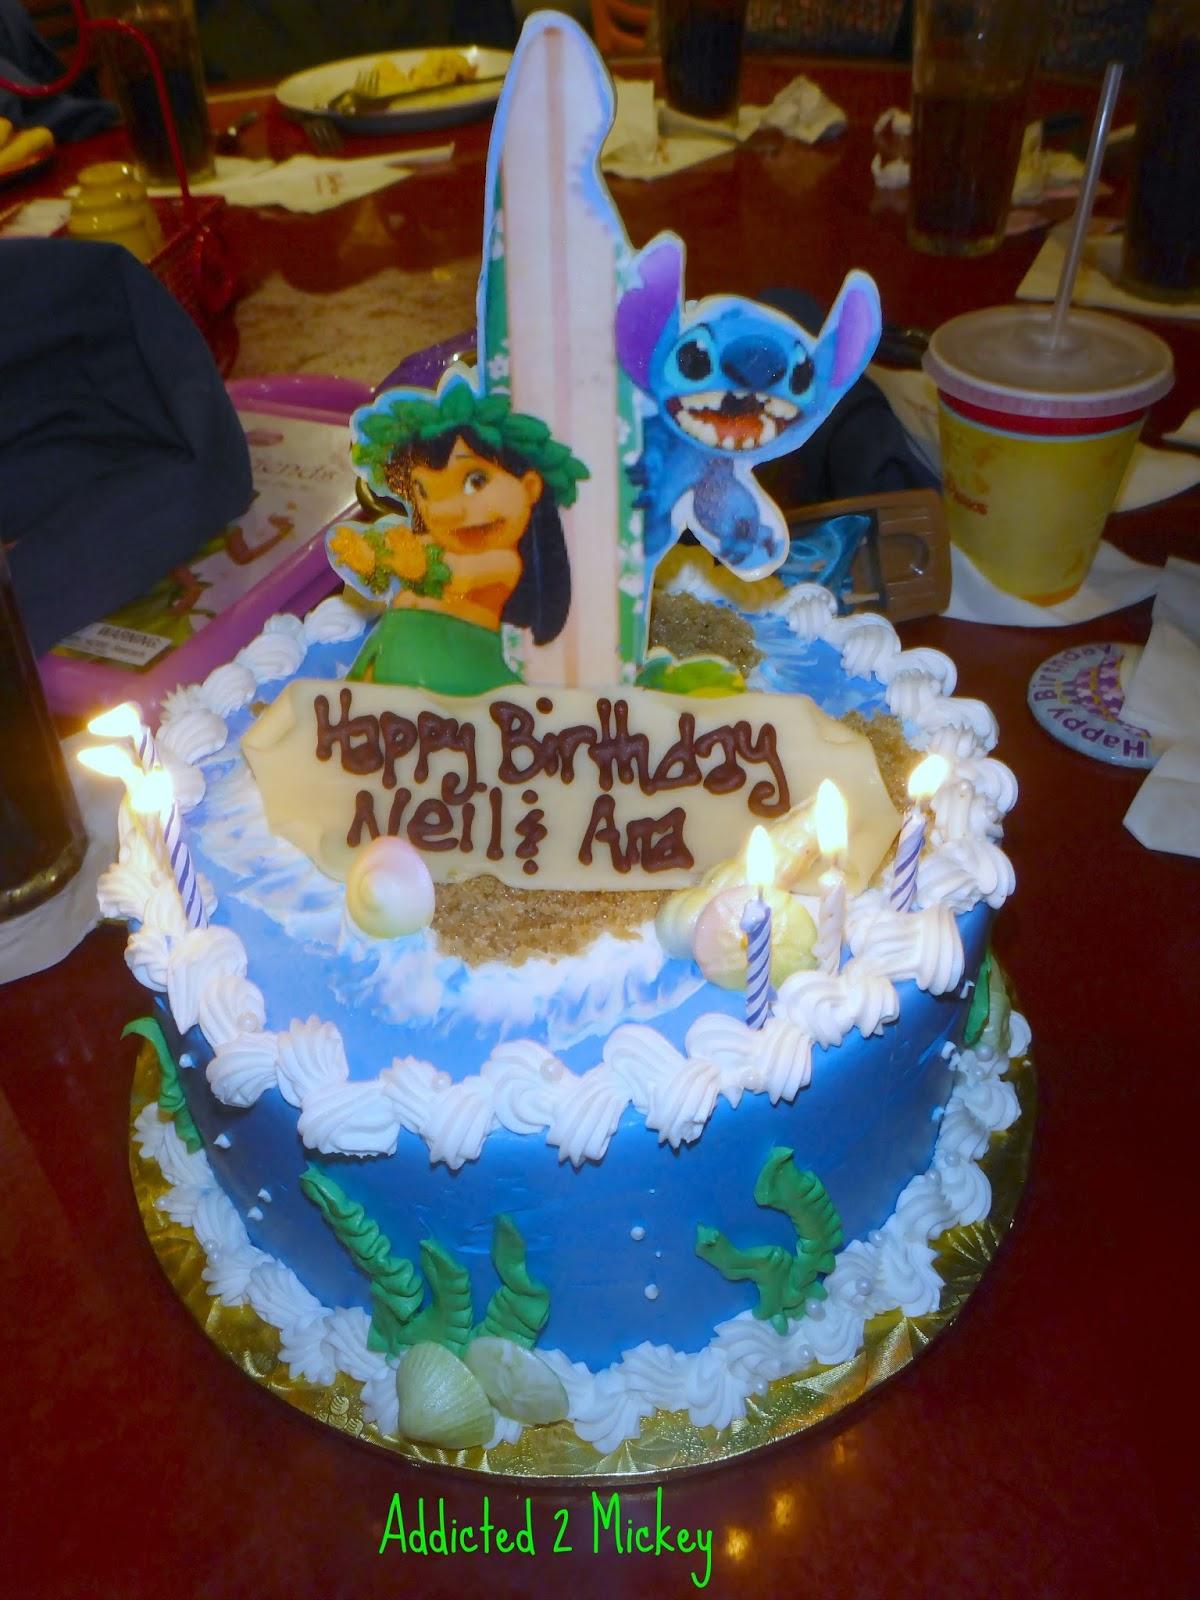 13 Disney World Specialty Cakes Photo Birthday Cakes at Disney